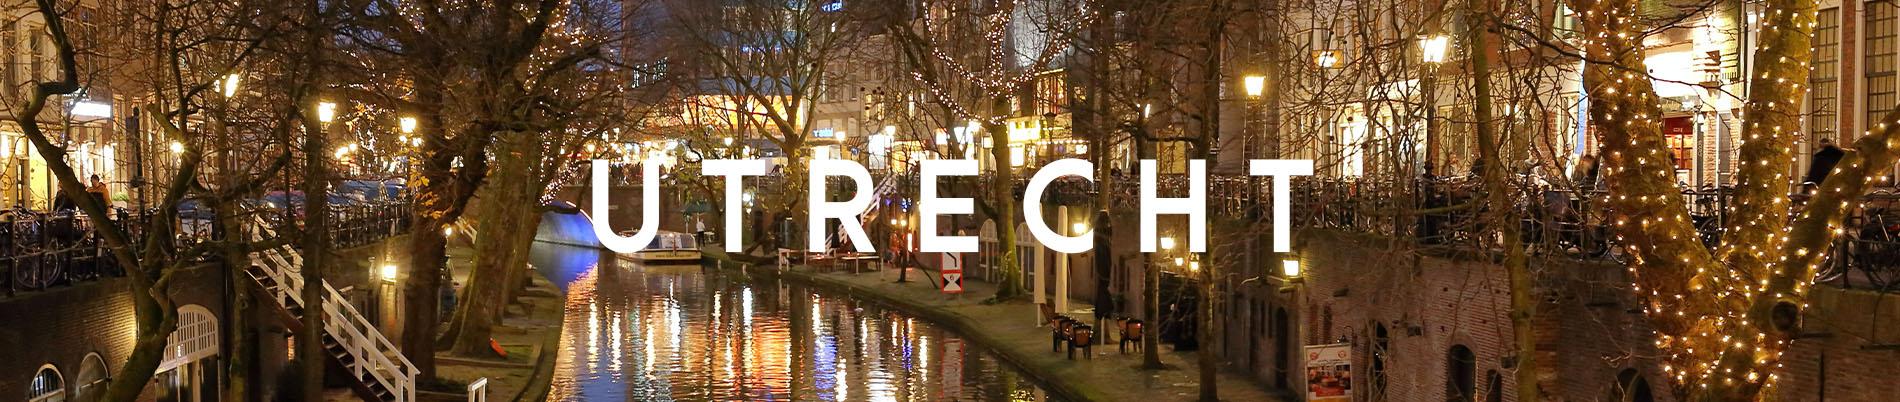 Utrecht horeca vacature